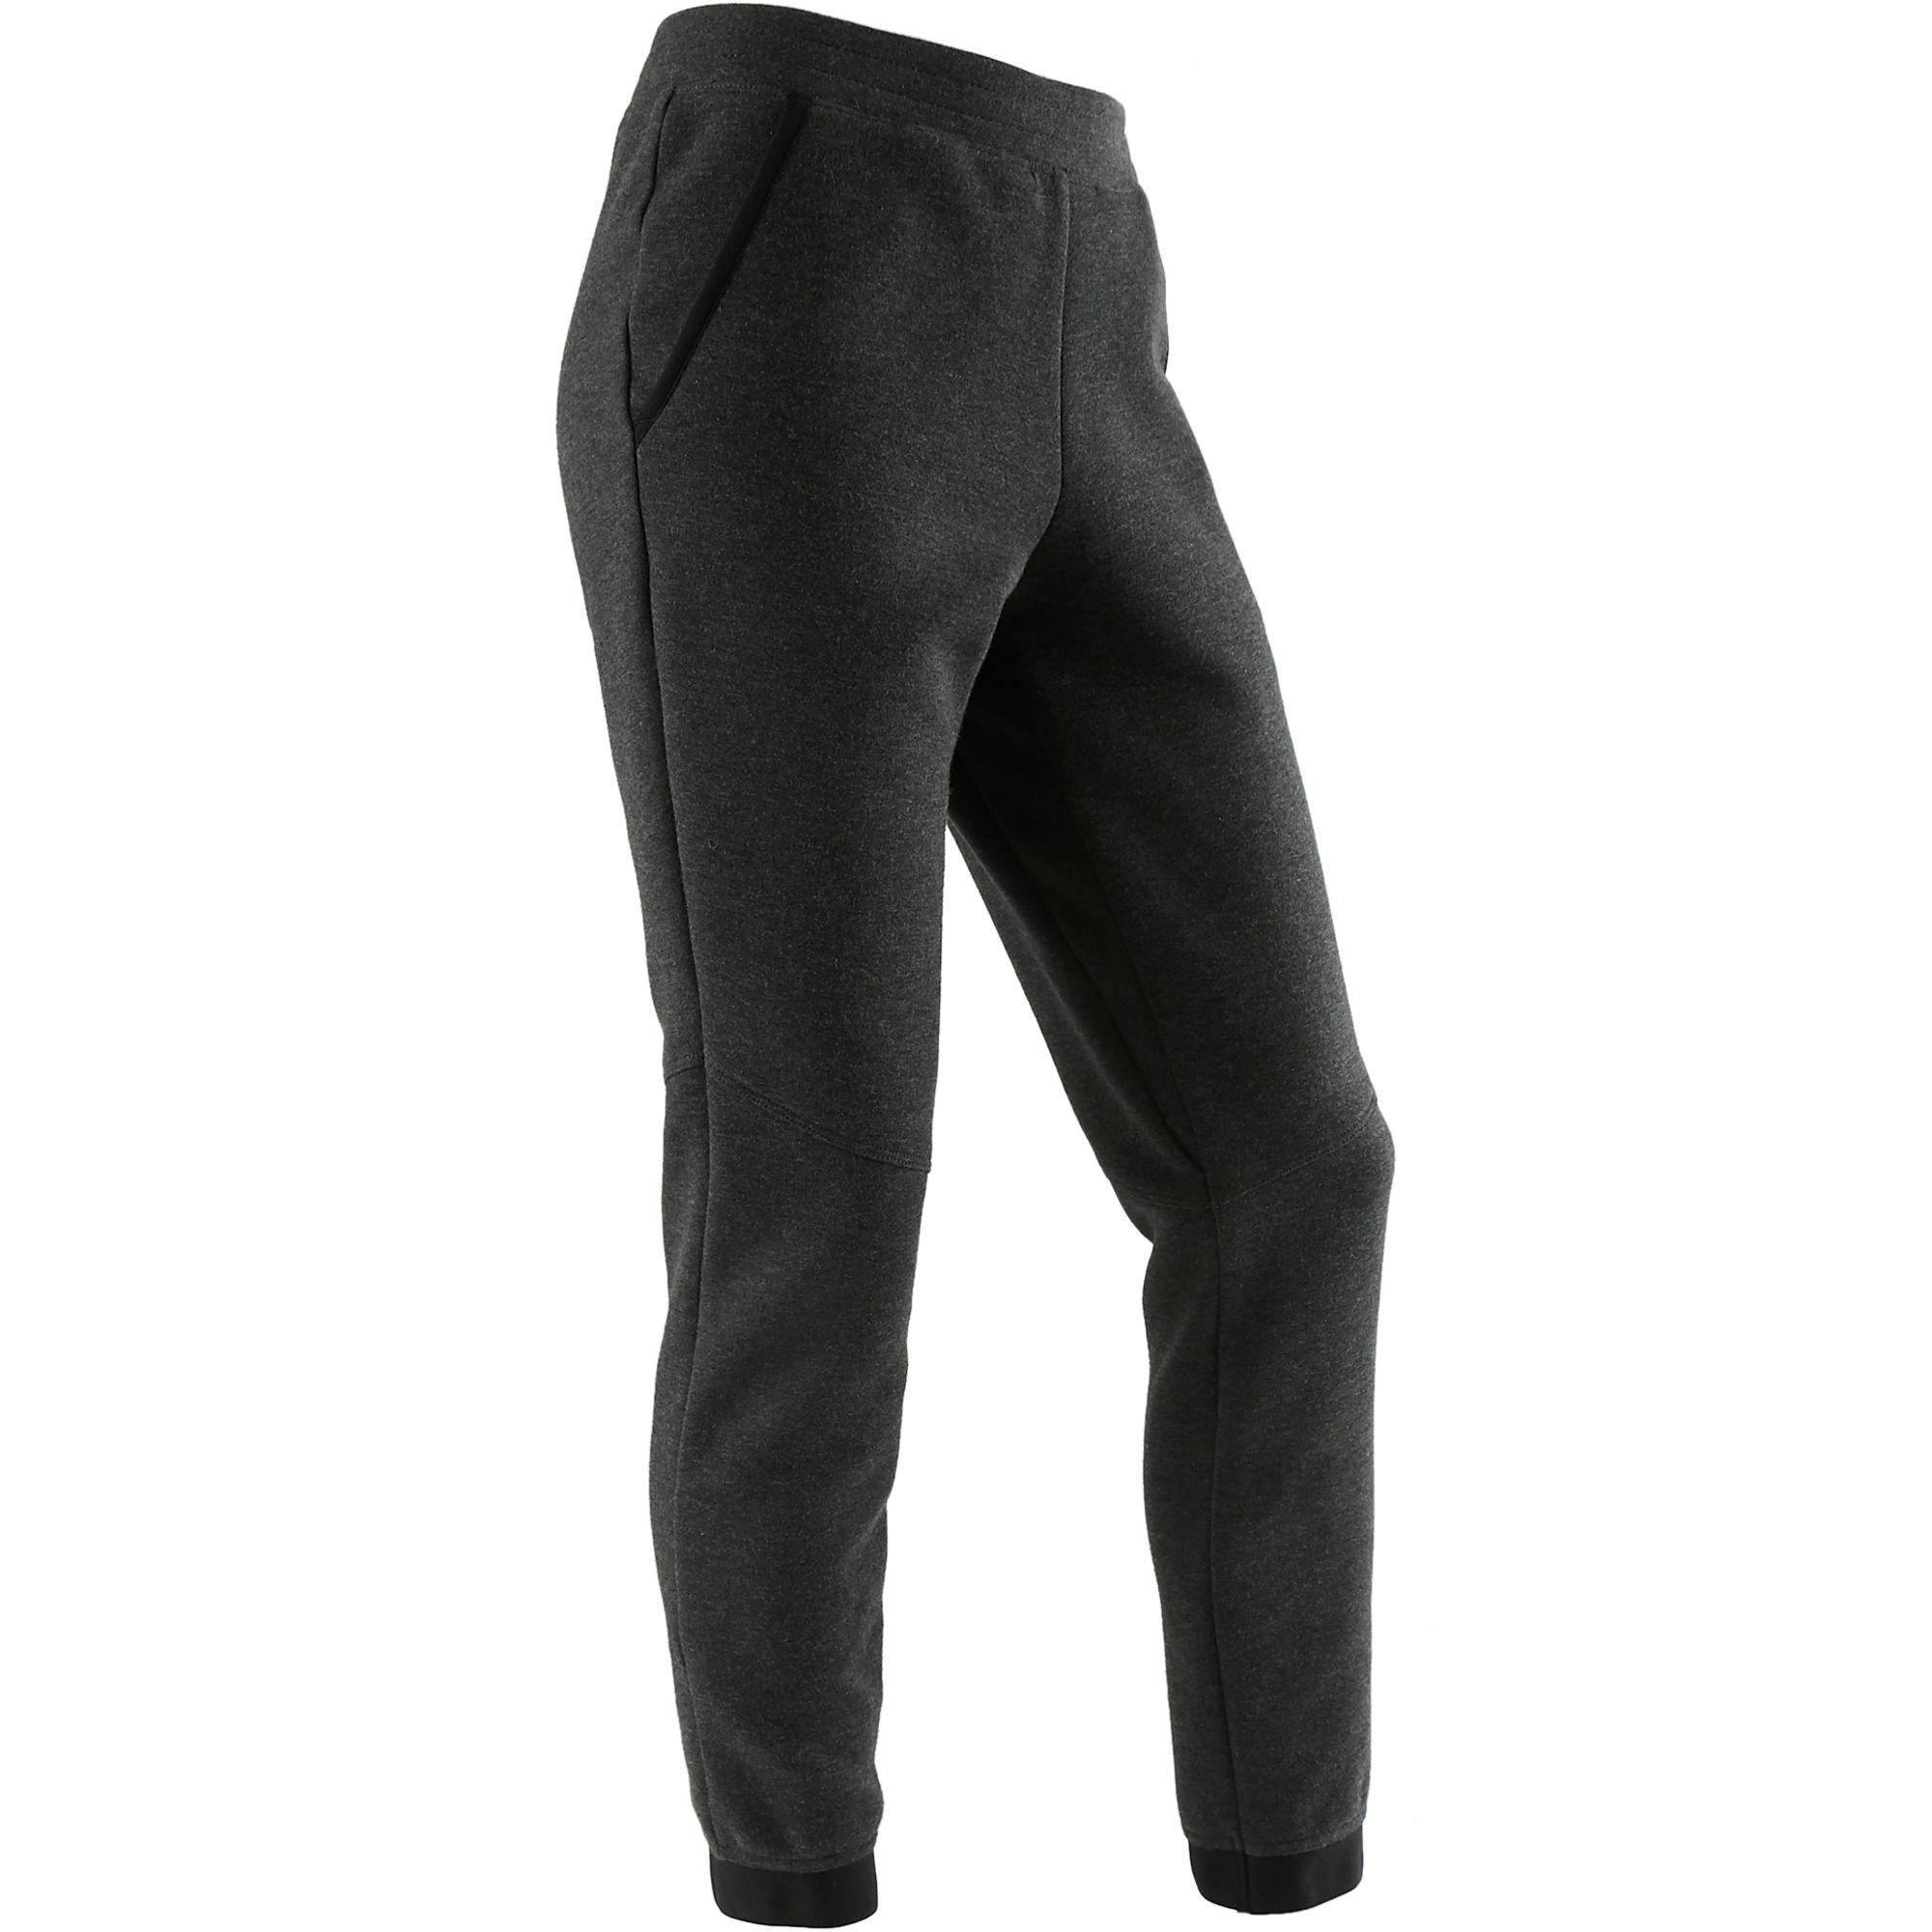 Pantalón cálido slim algodón transpirable 500 niña GIMNASIA JÚNIOR gris oscuro j